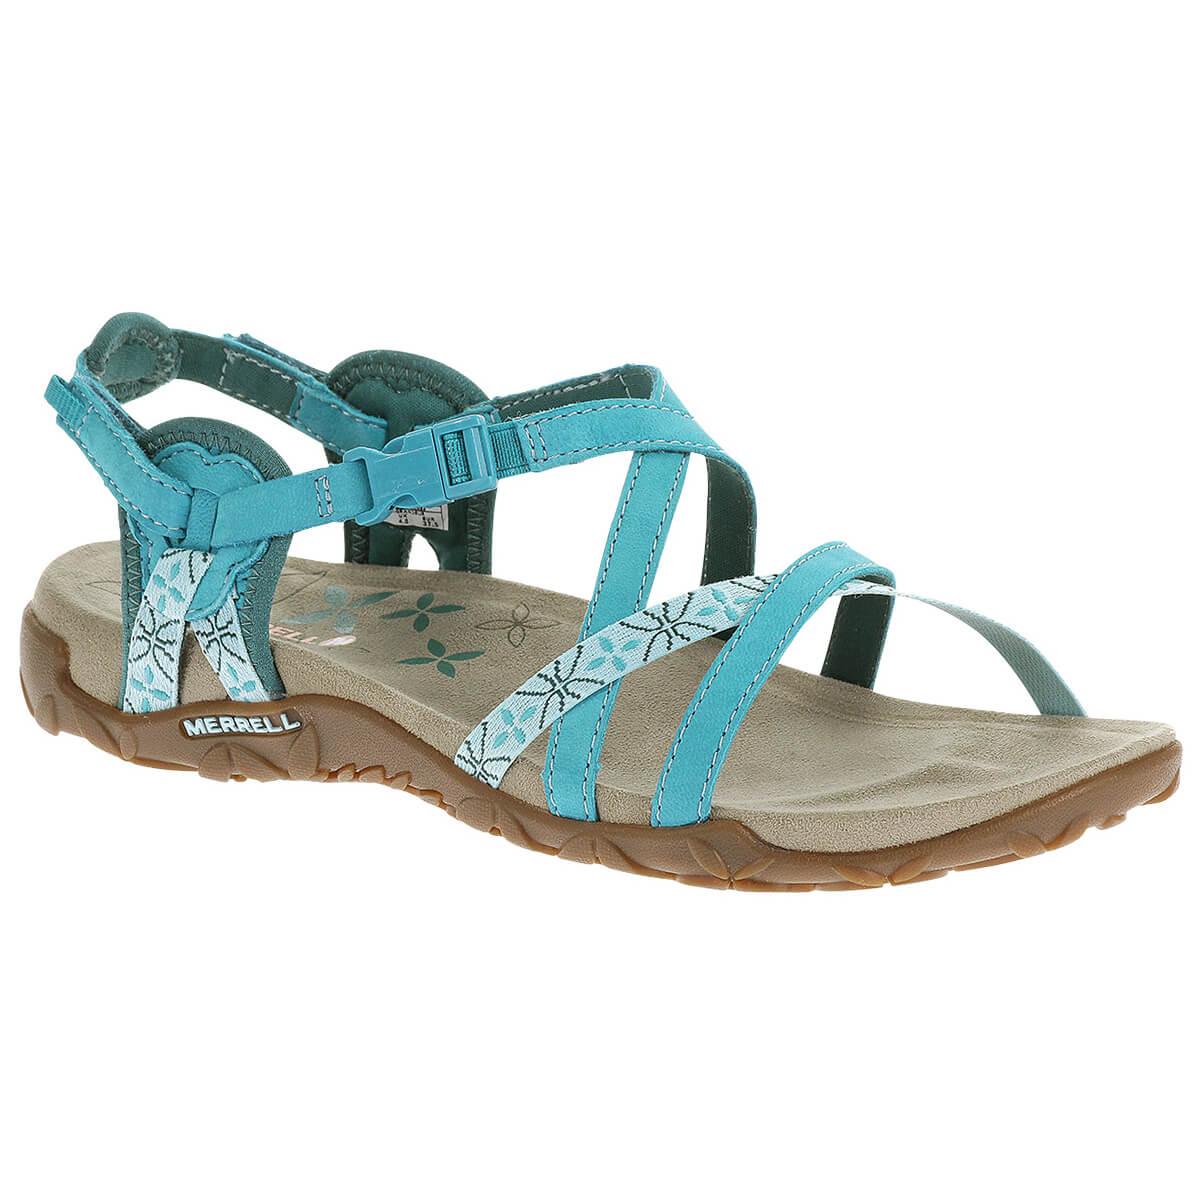 Merrell Terran Lattice Sandals Women S Buy Online